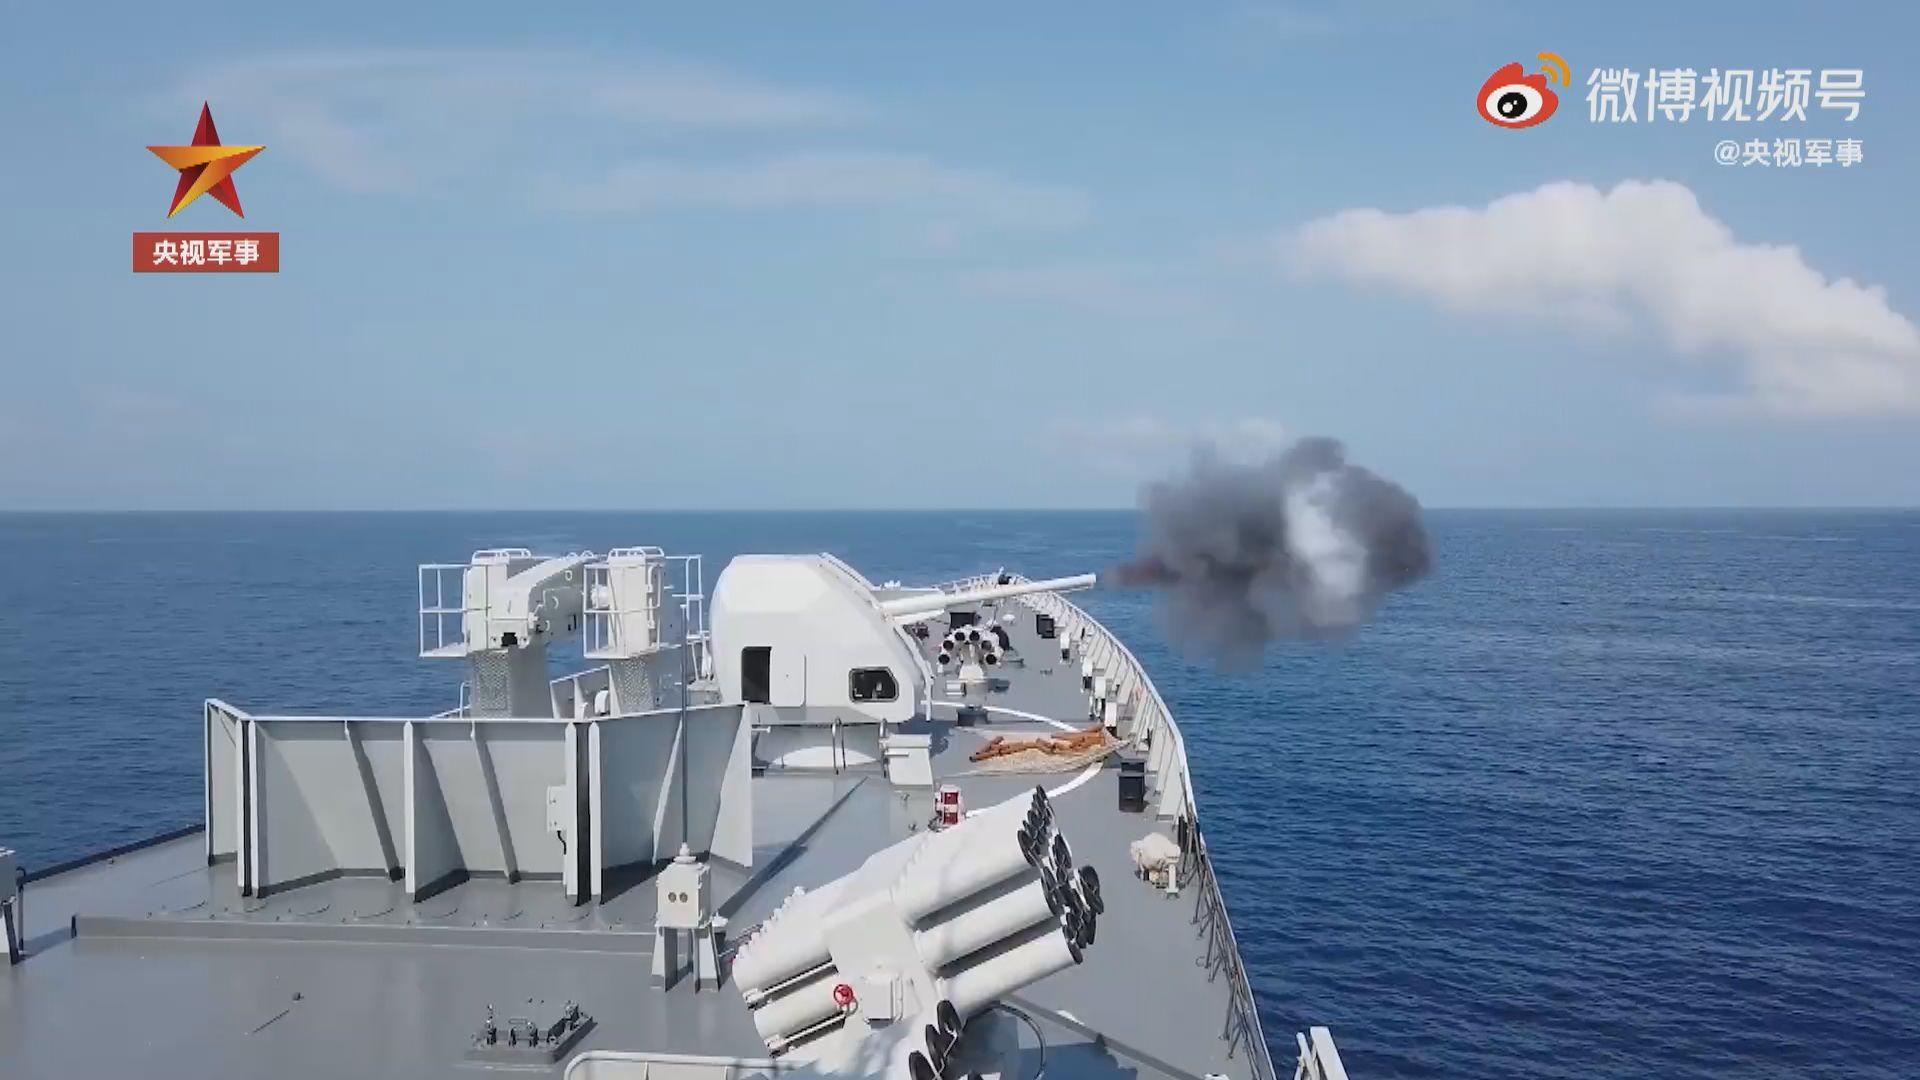 解放軍南部戰區艦隻於南海進行實彈演練